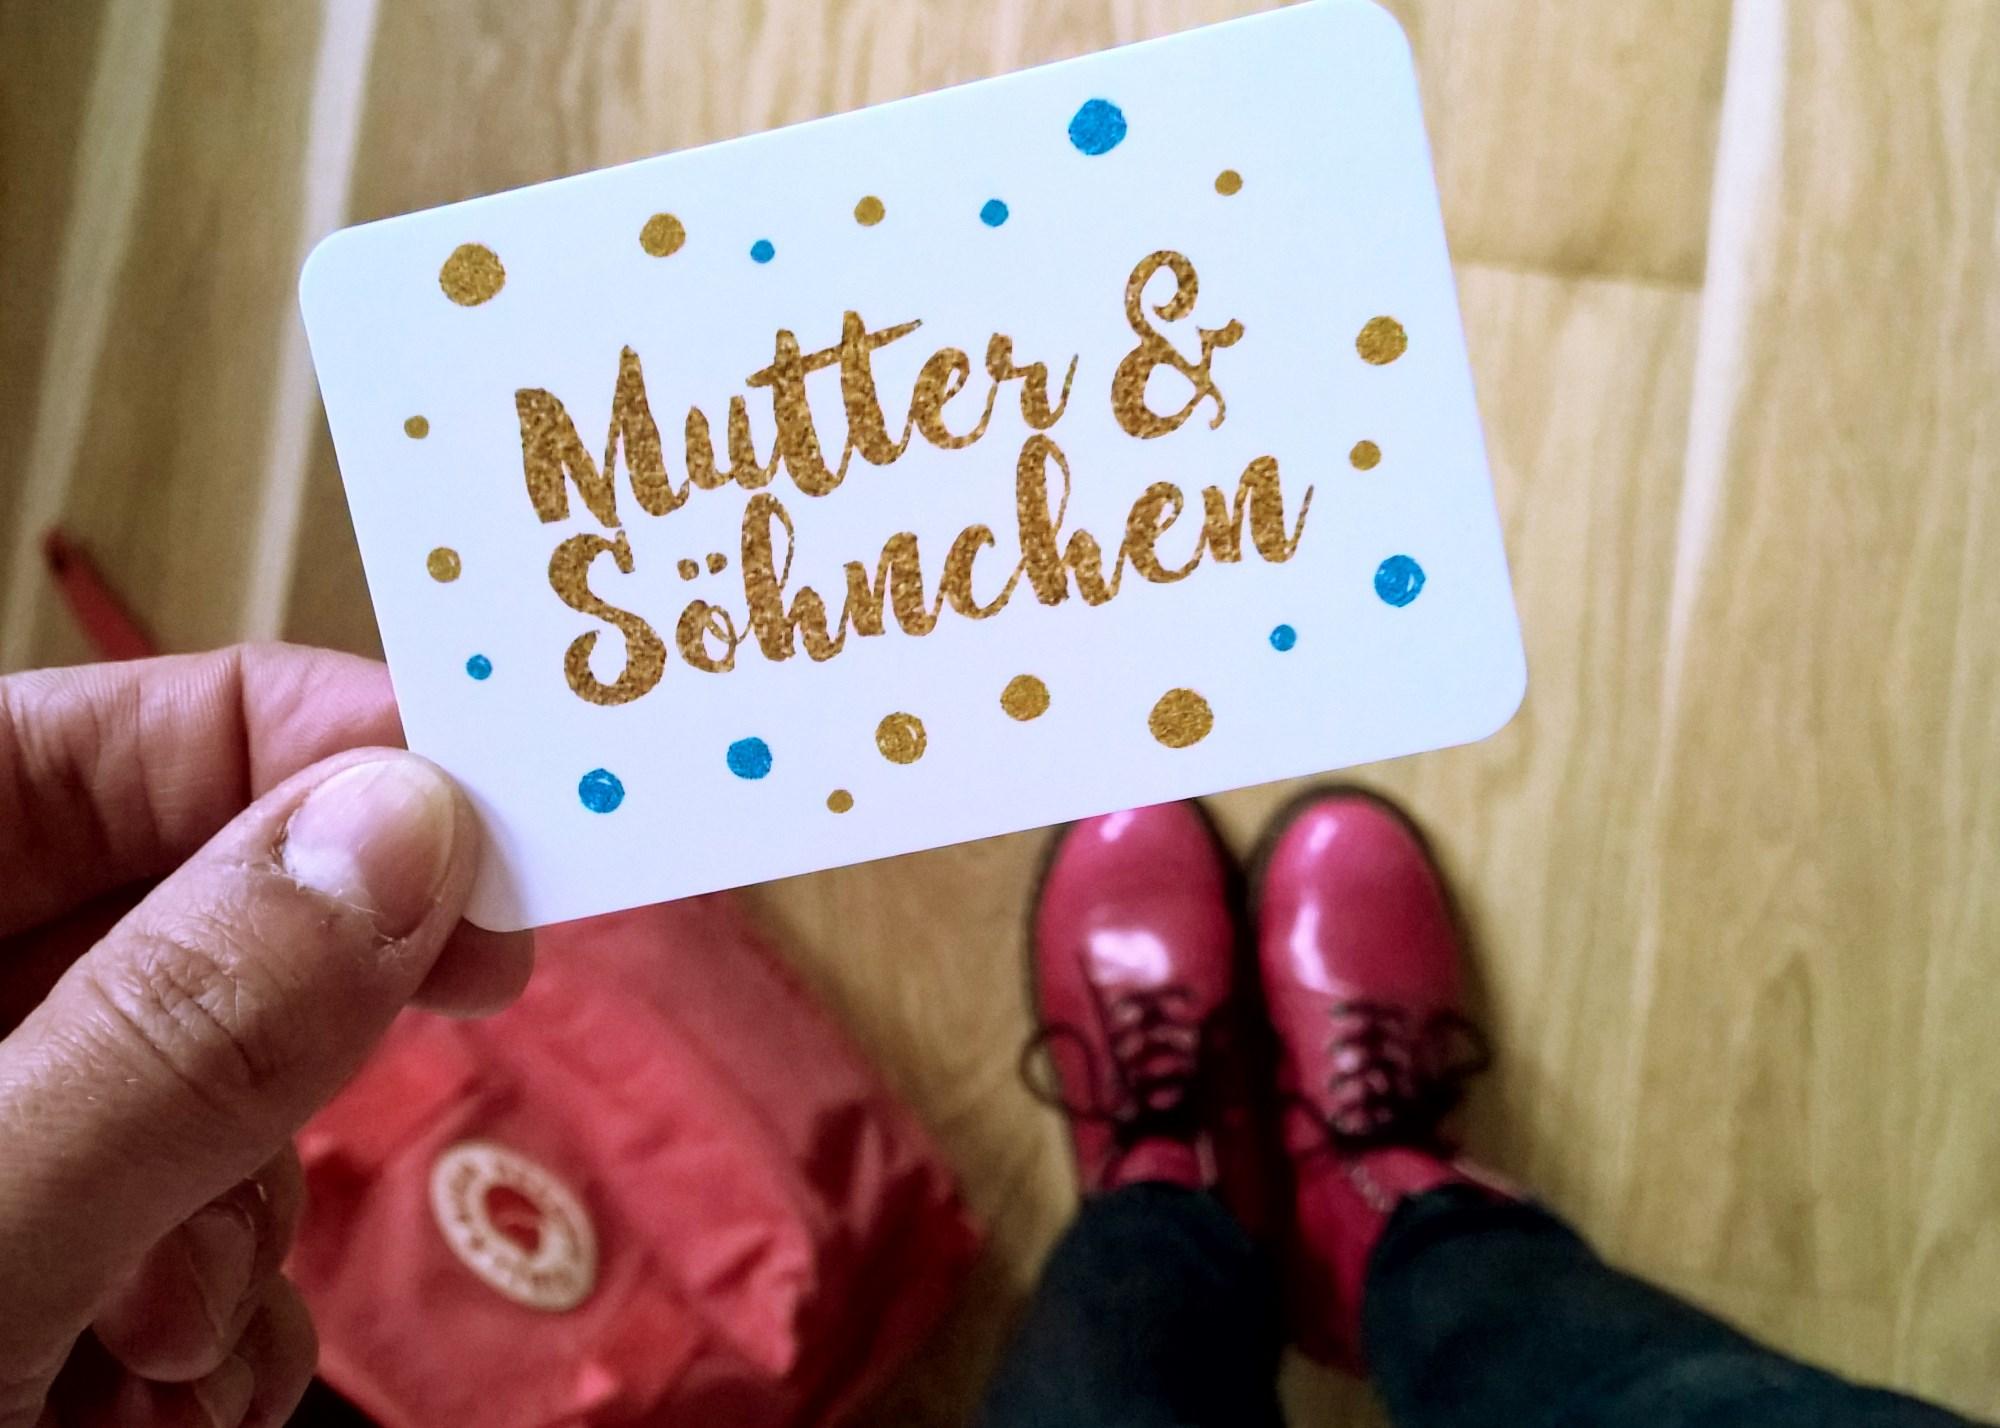 Mutter und Söhnchen - 1000 Fragen an misch selbst